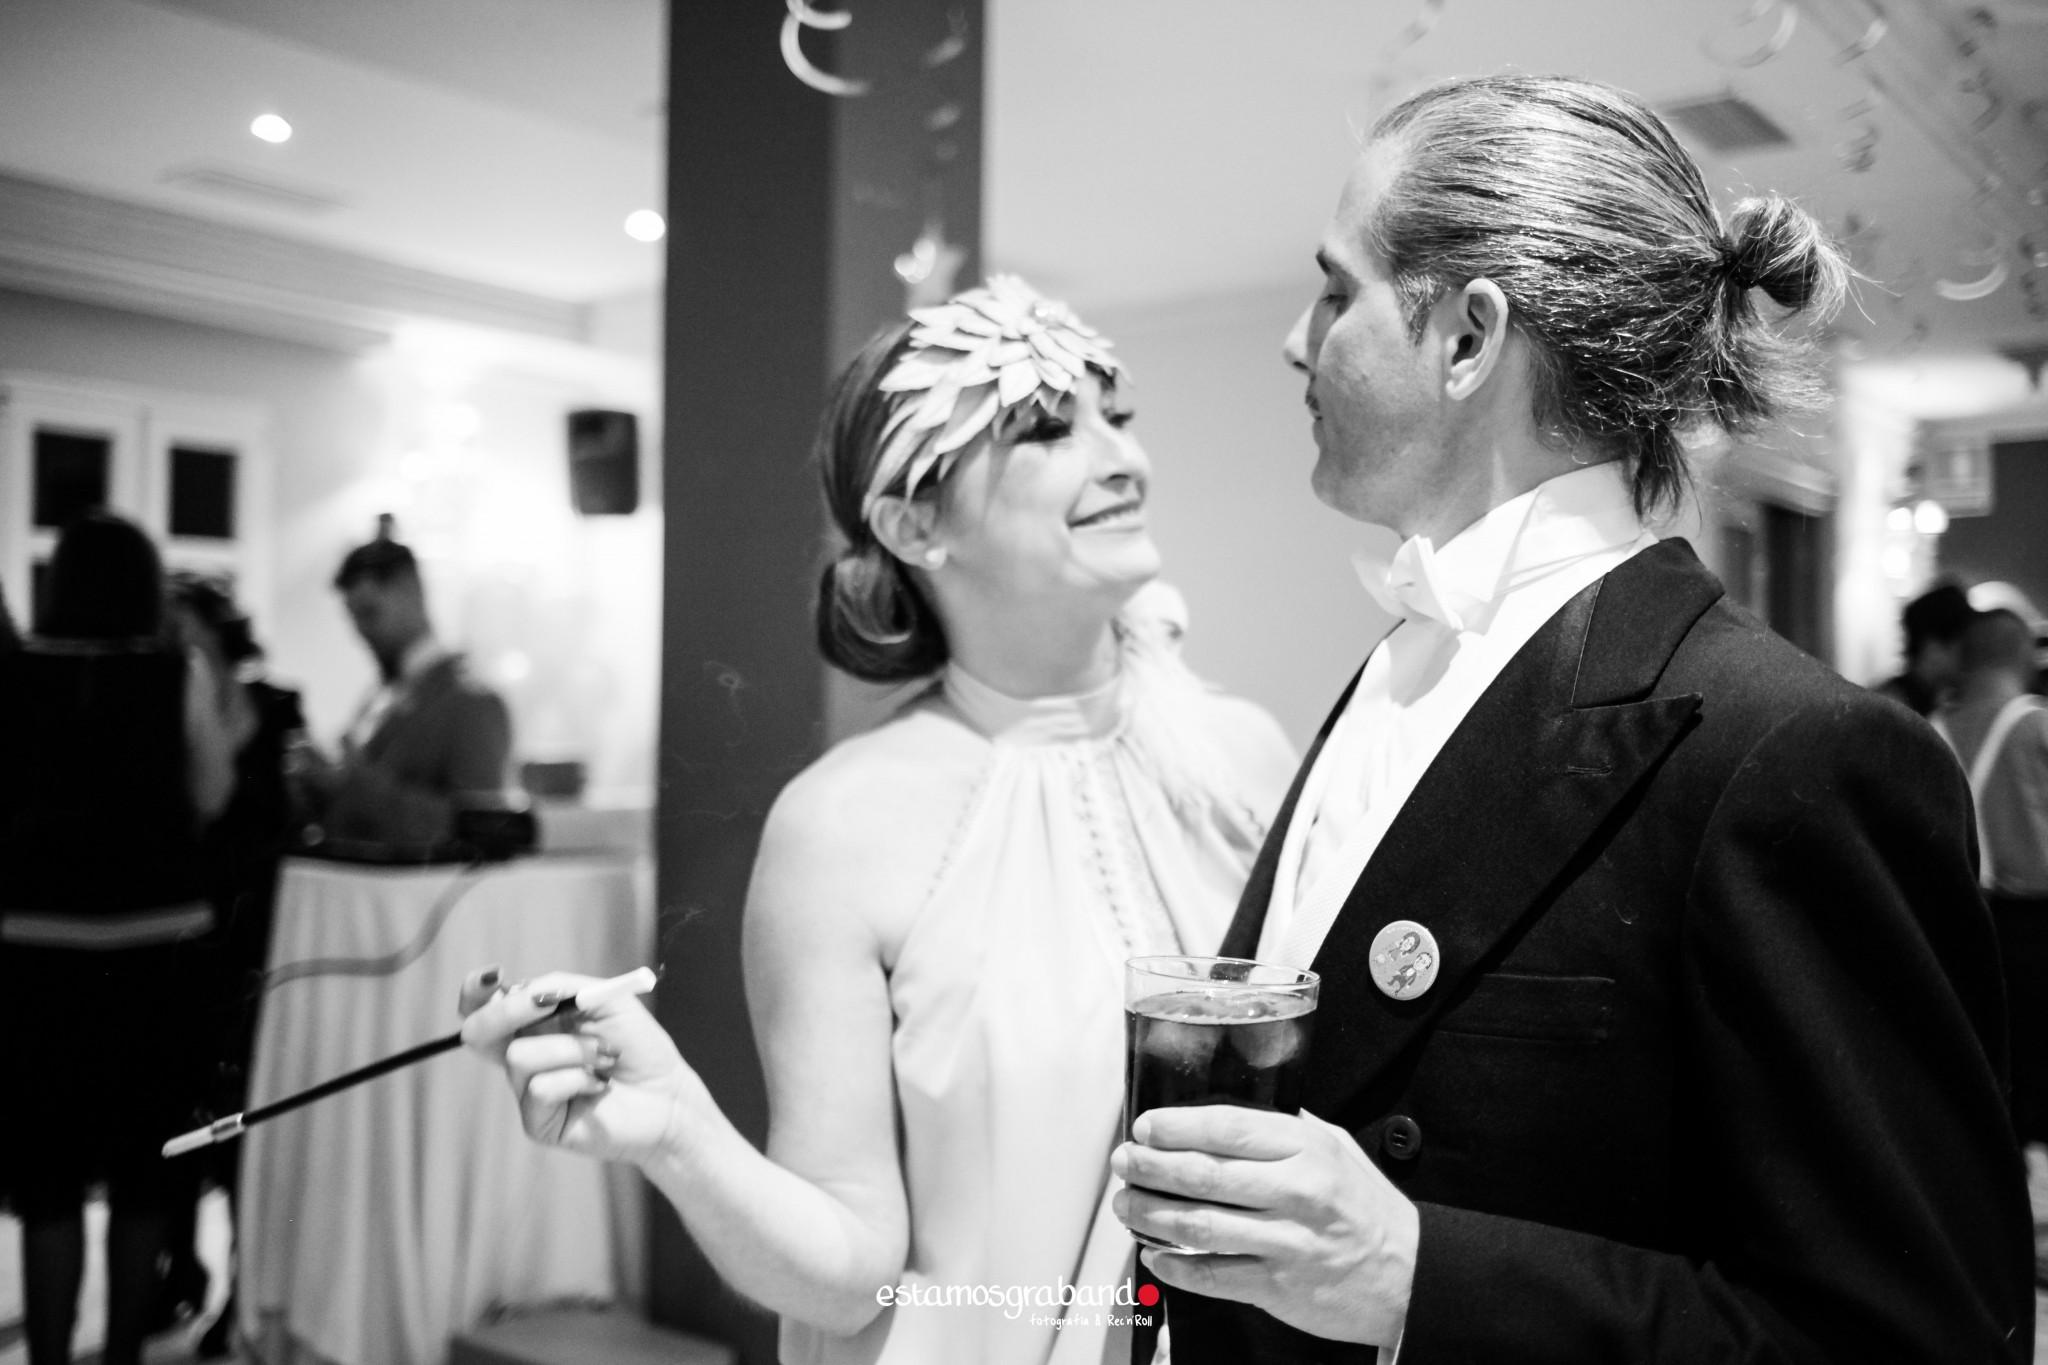 Años-20-BBTP-96-de-109 Los locos Años 20 [Fotografía en La Teta de Julieta, Cádiz] - video boda cadiz